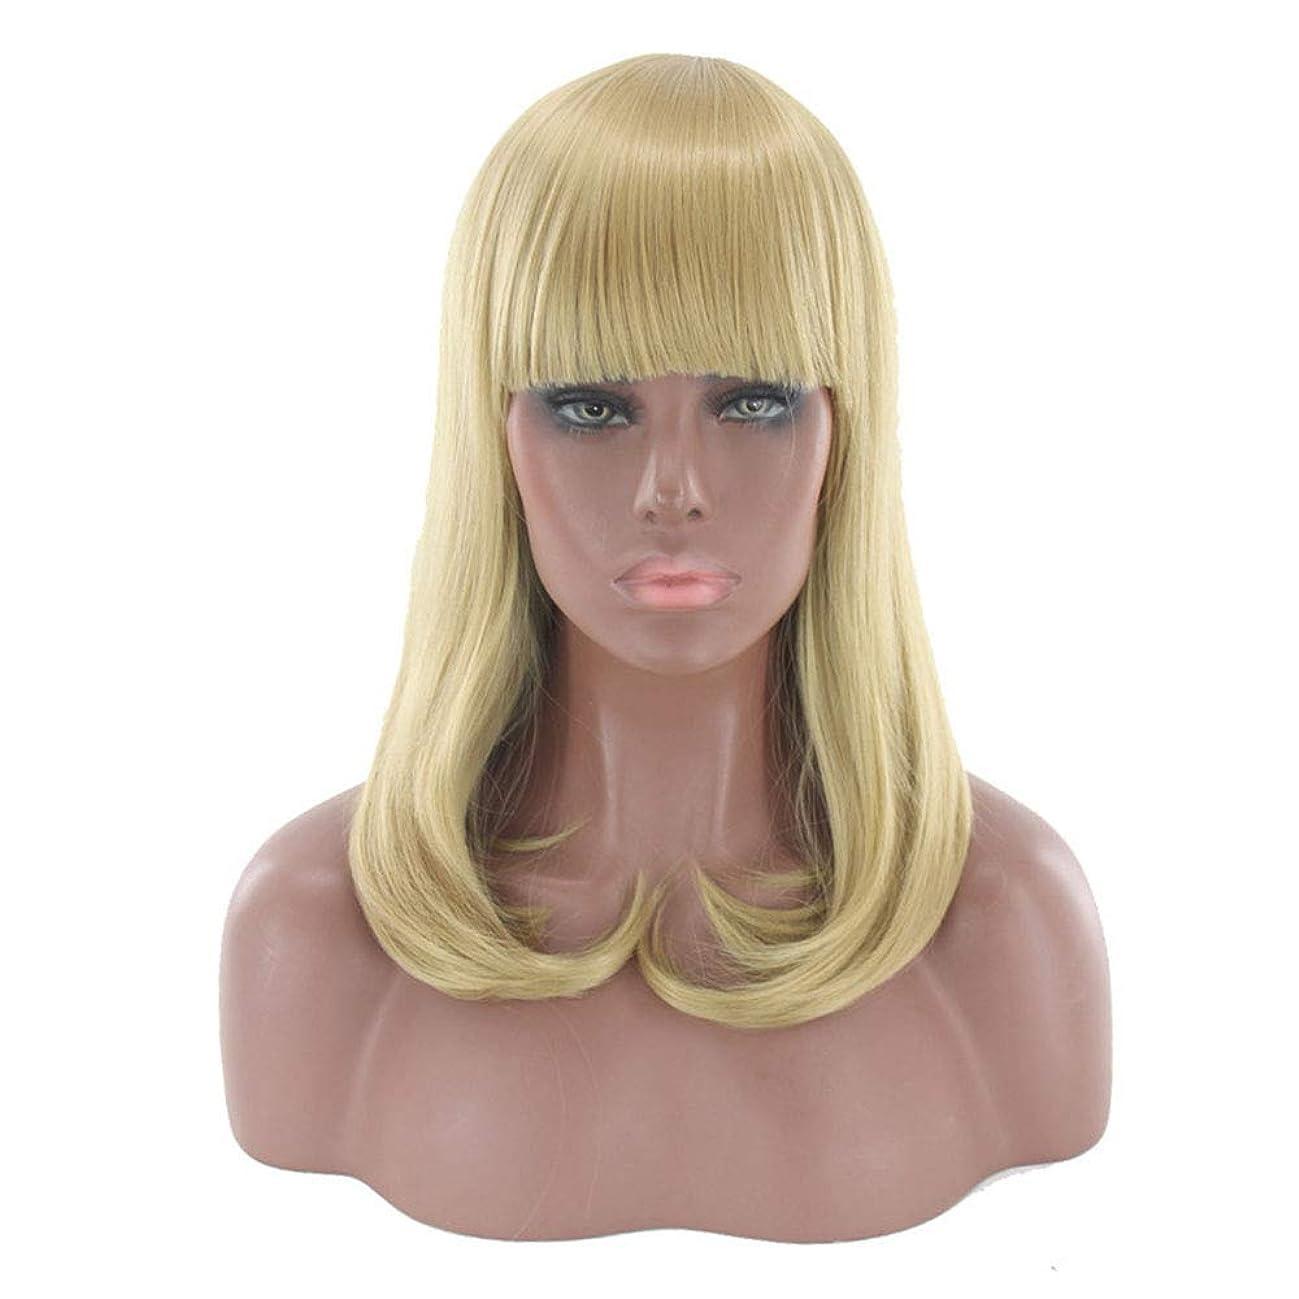 策定する振り返るステージYrattary かつら女性のボボ波頭長い巻き毛のゴールドバックルナシヘッド化学繊維かつら合成毛髪のかつらロールプレイングかつら (色 : Photo Color, サイズ : 42~43cm)